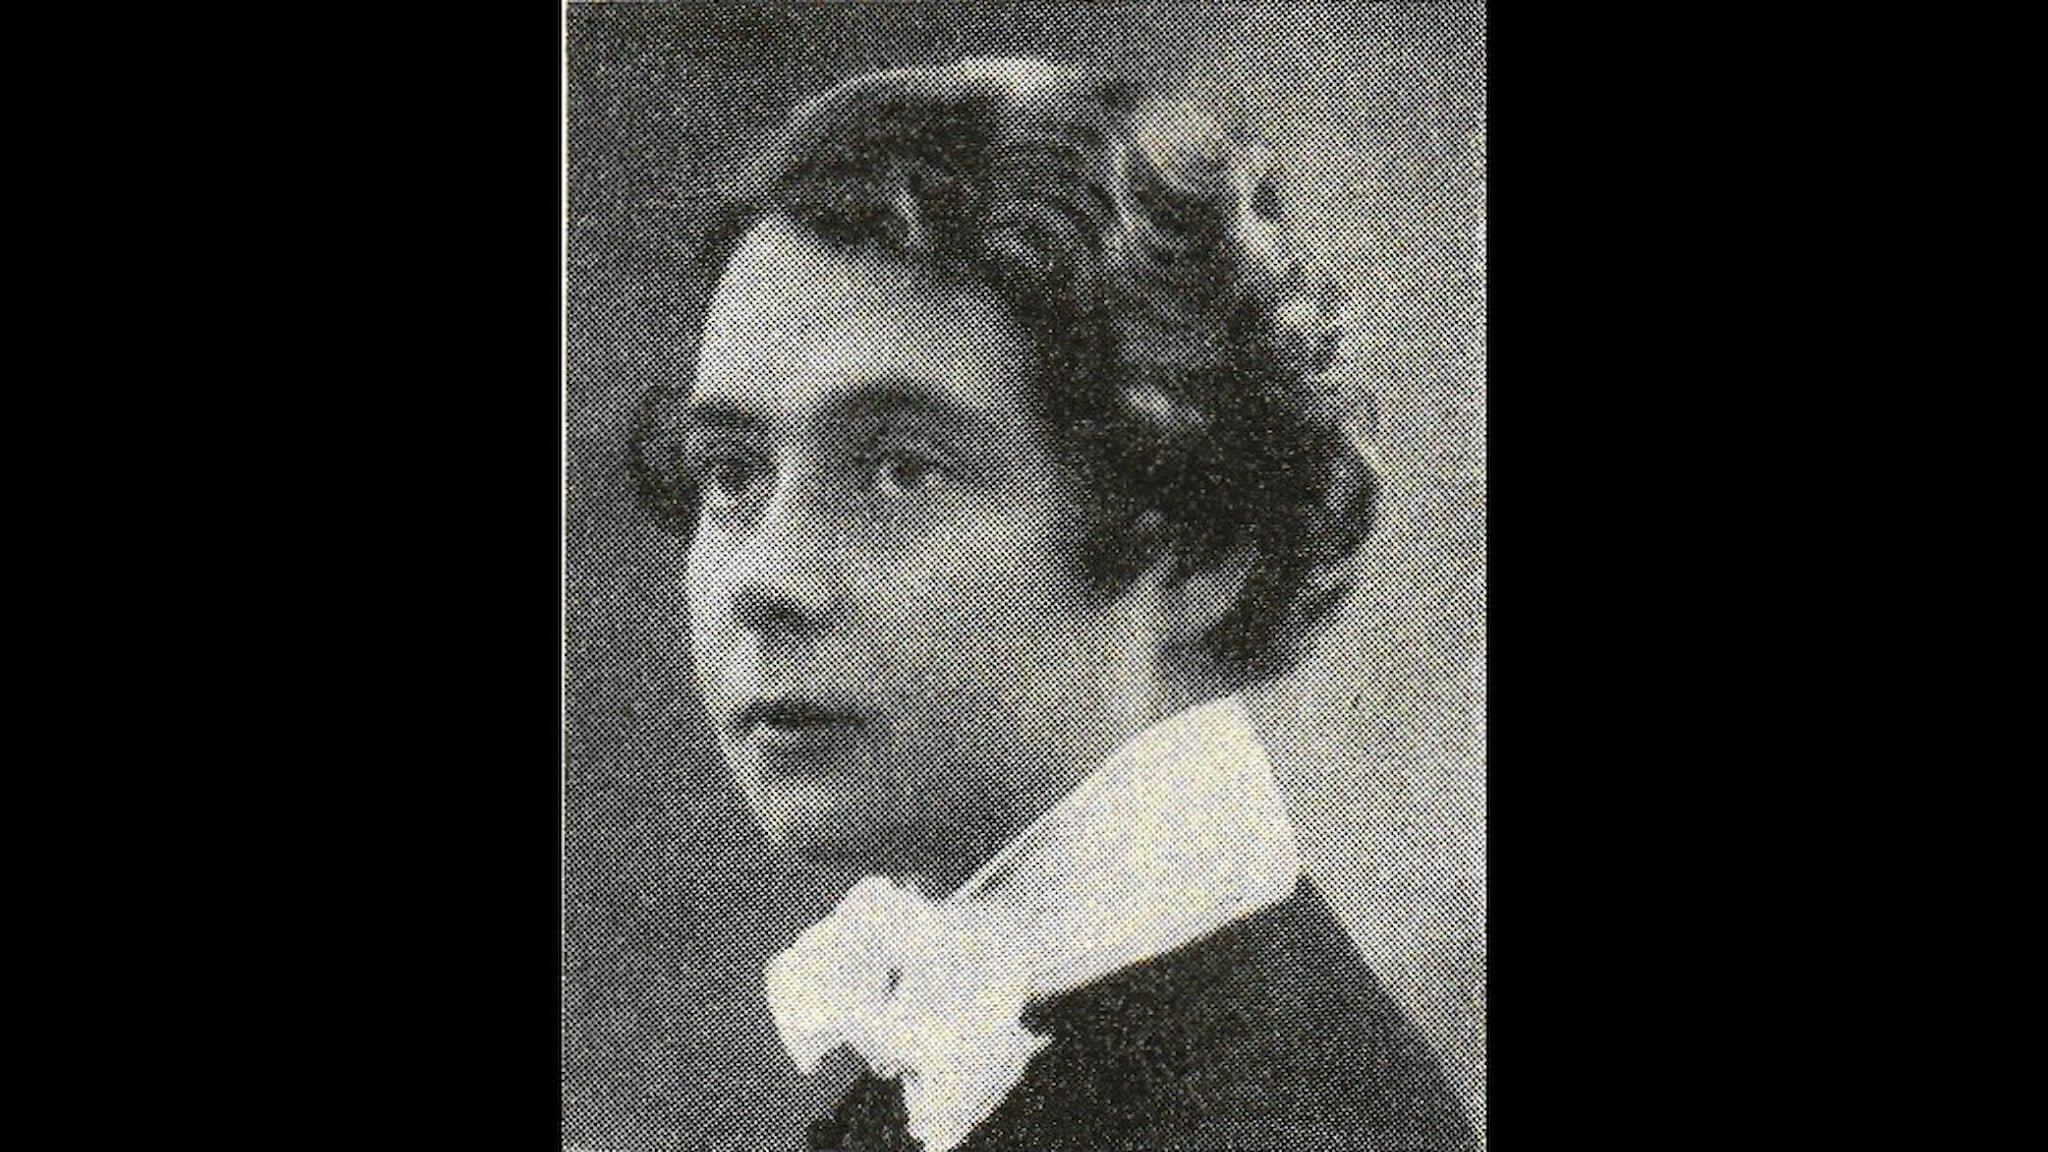 ett gammalt svart vit foto av en kvinna i frisyr. Hon är ung och har håret flätat